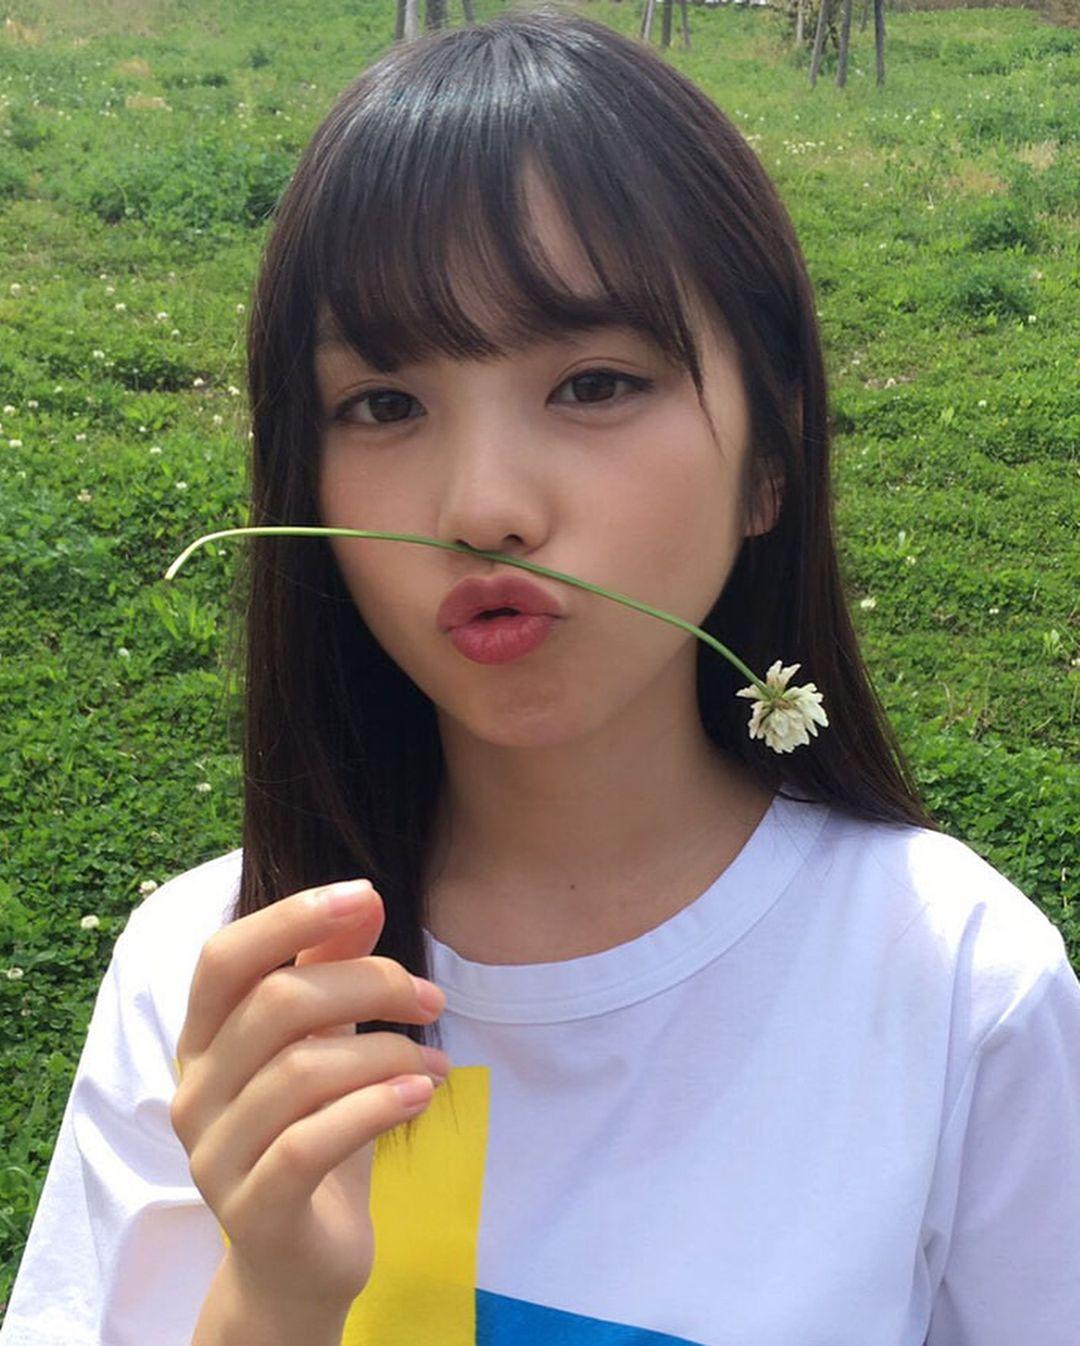 花をくわえた与田祐希